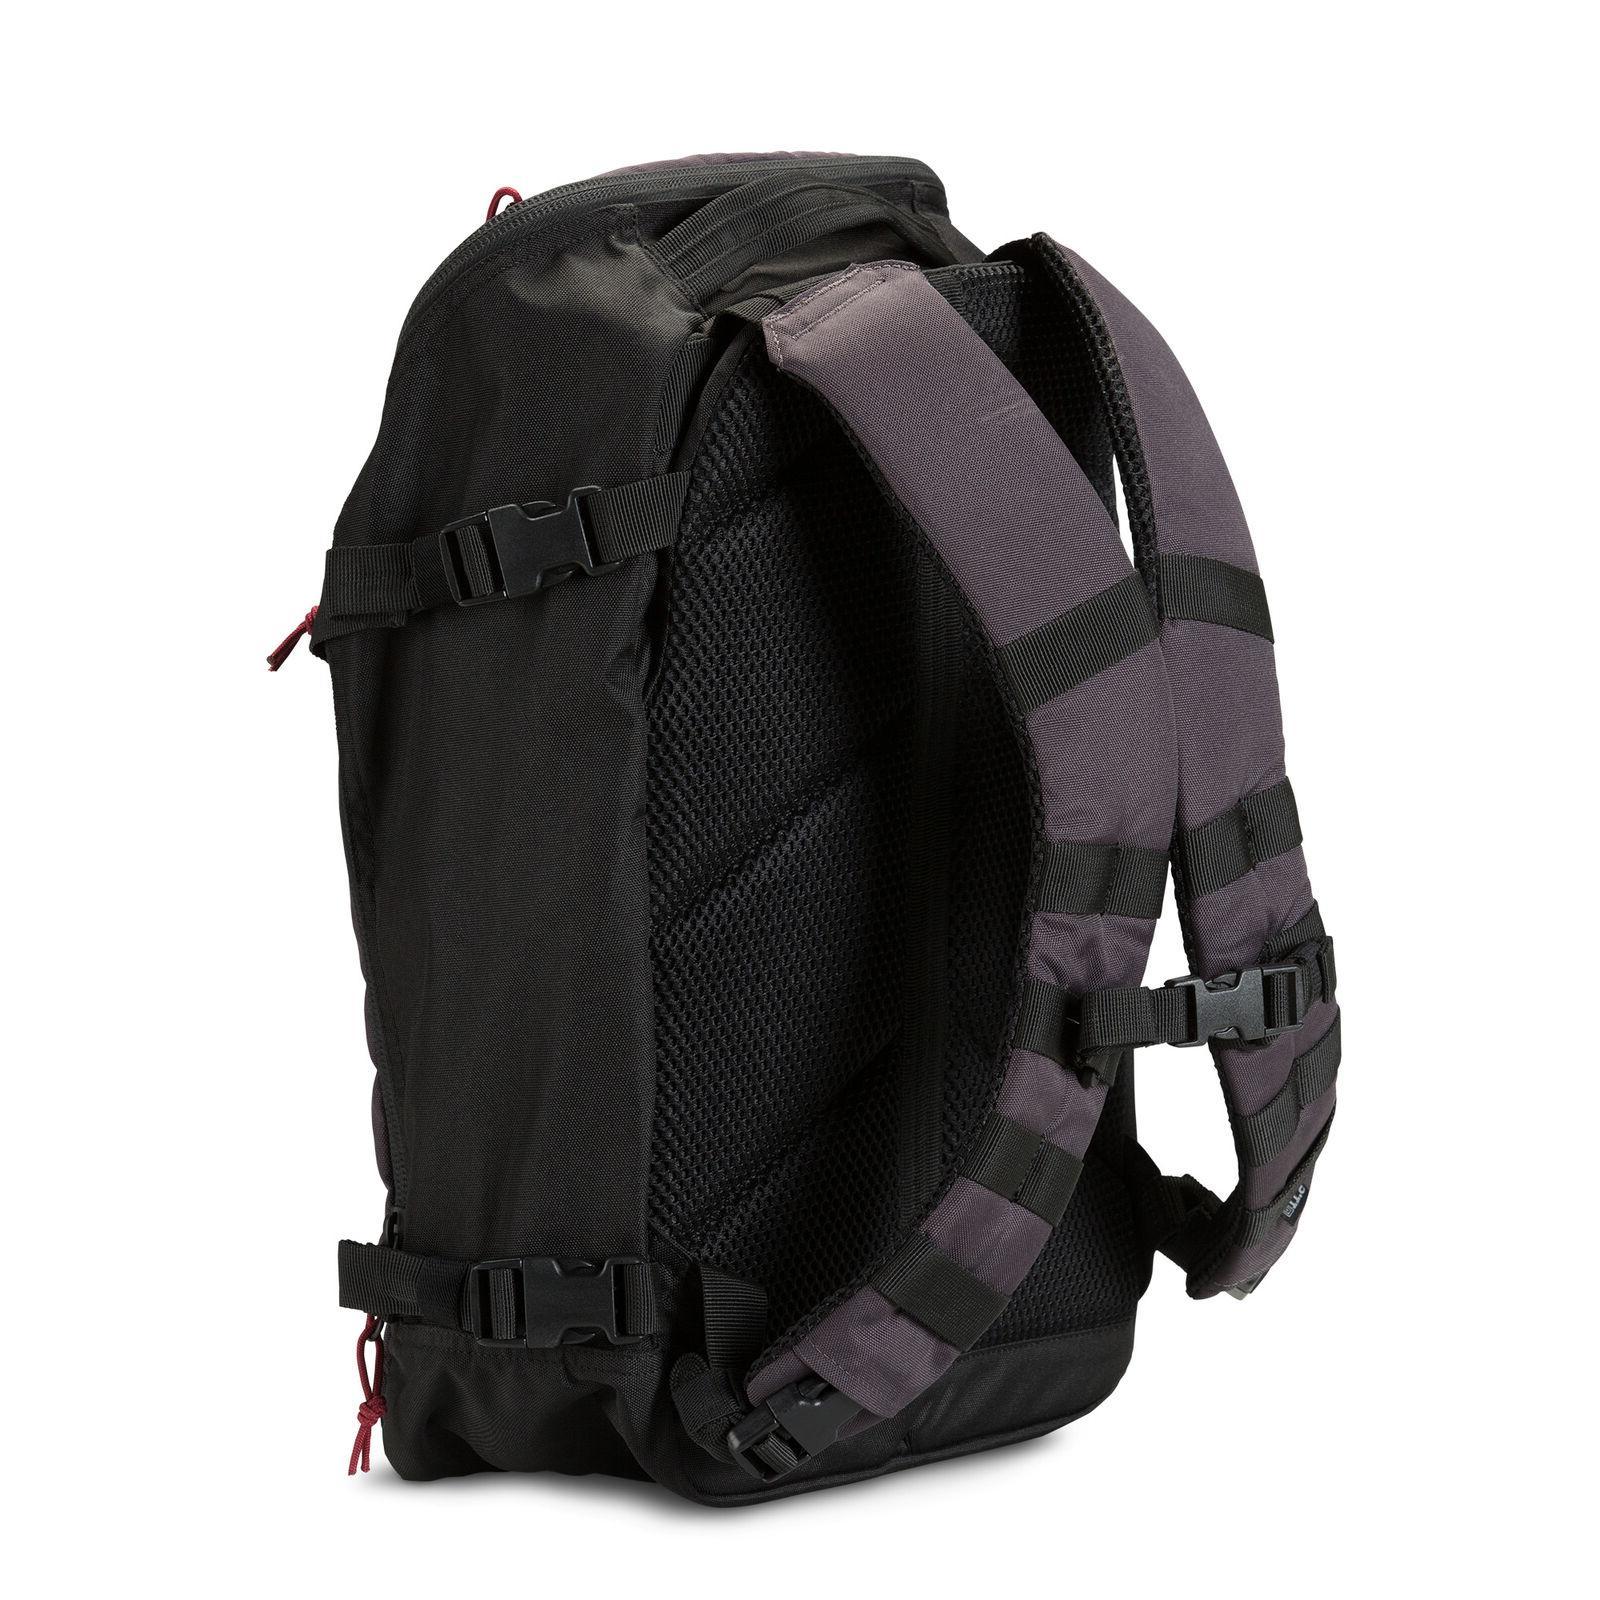 5.11 Four Zipper Laptop Bag Tactical Bag